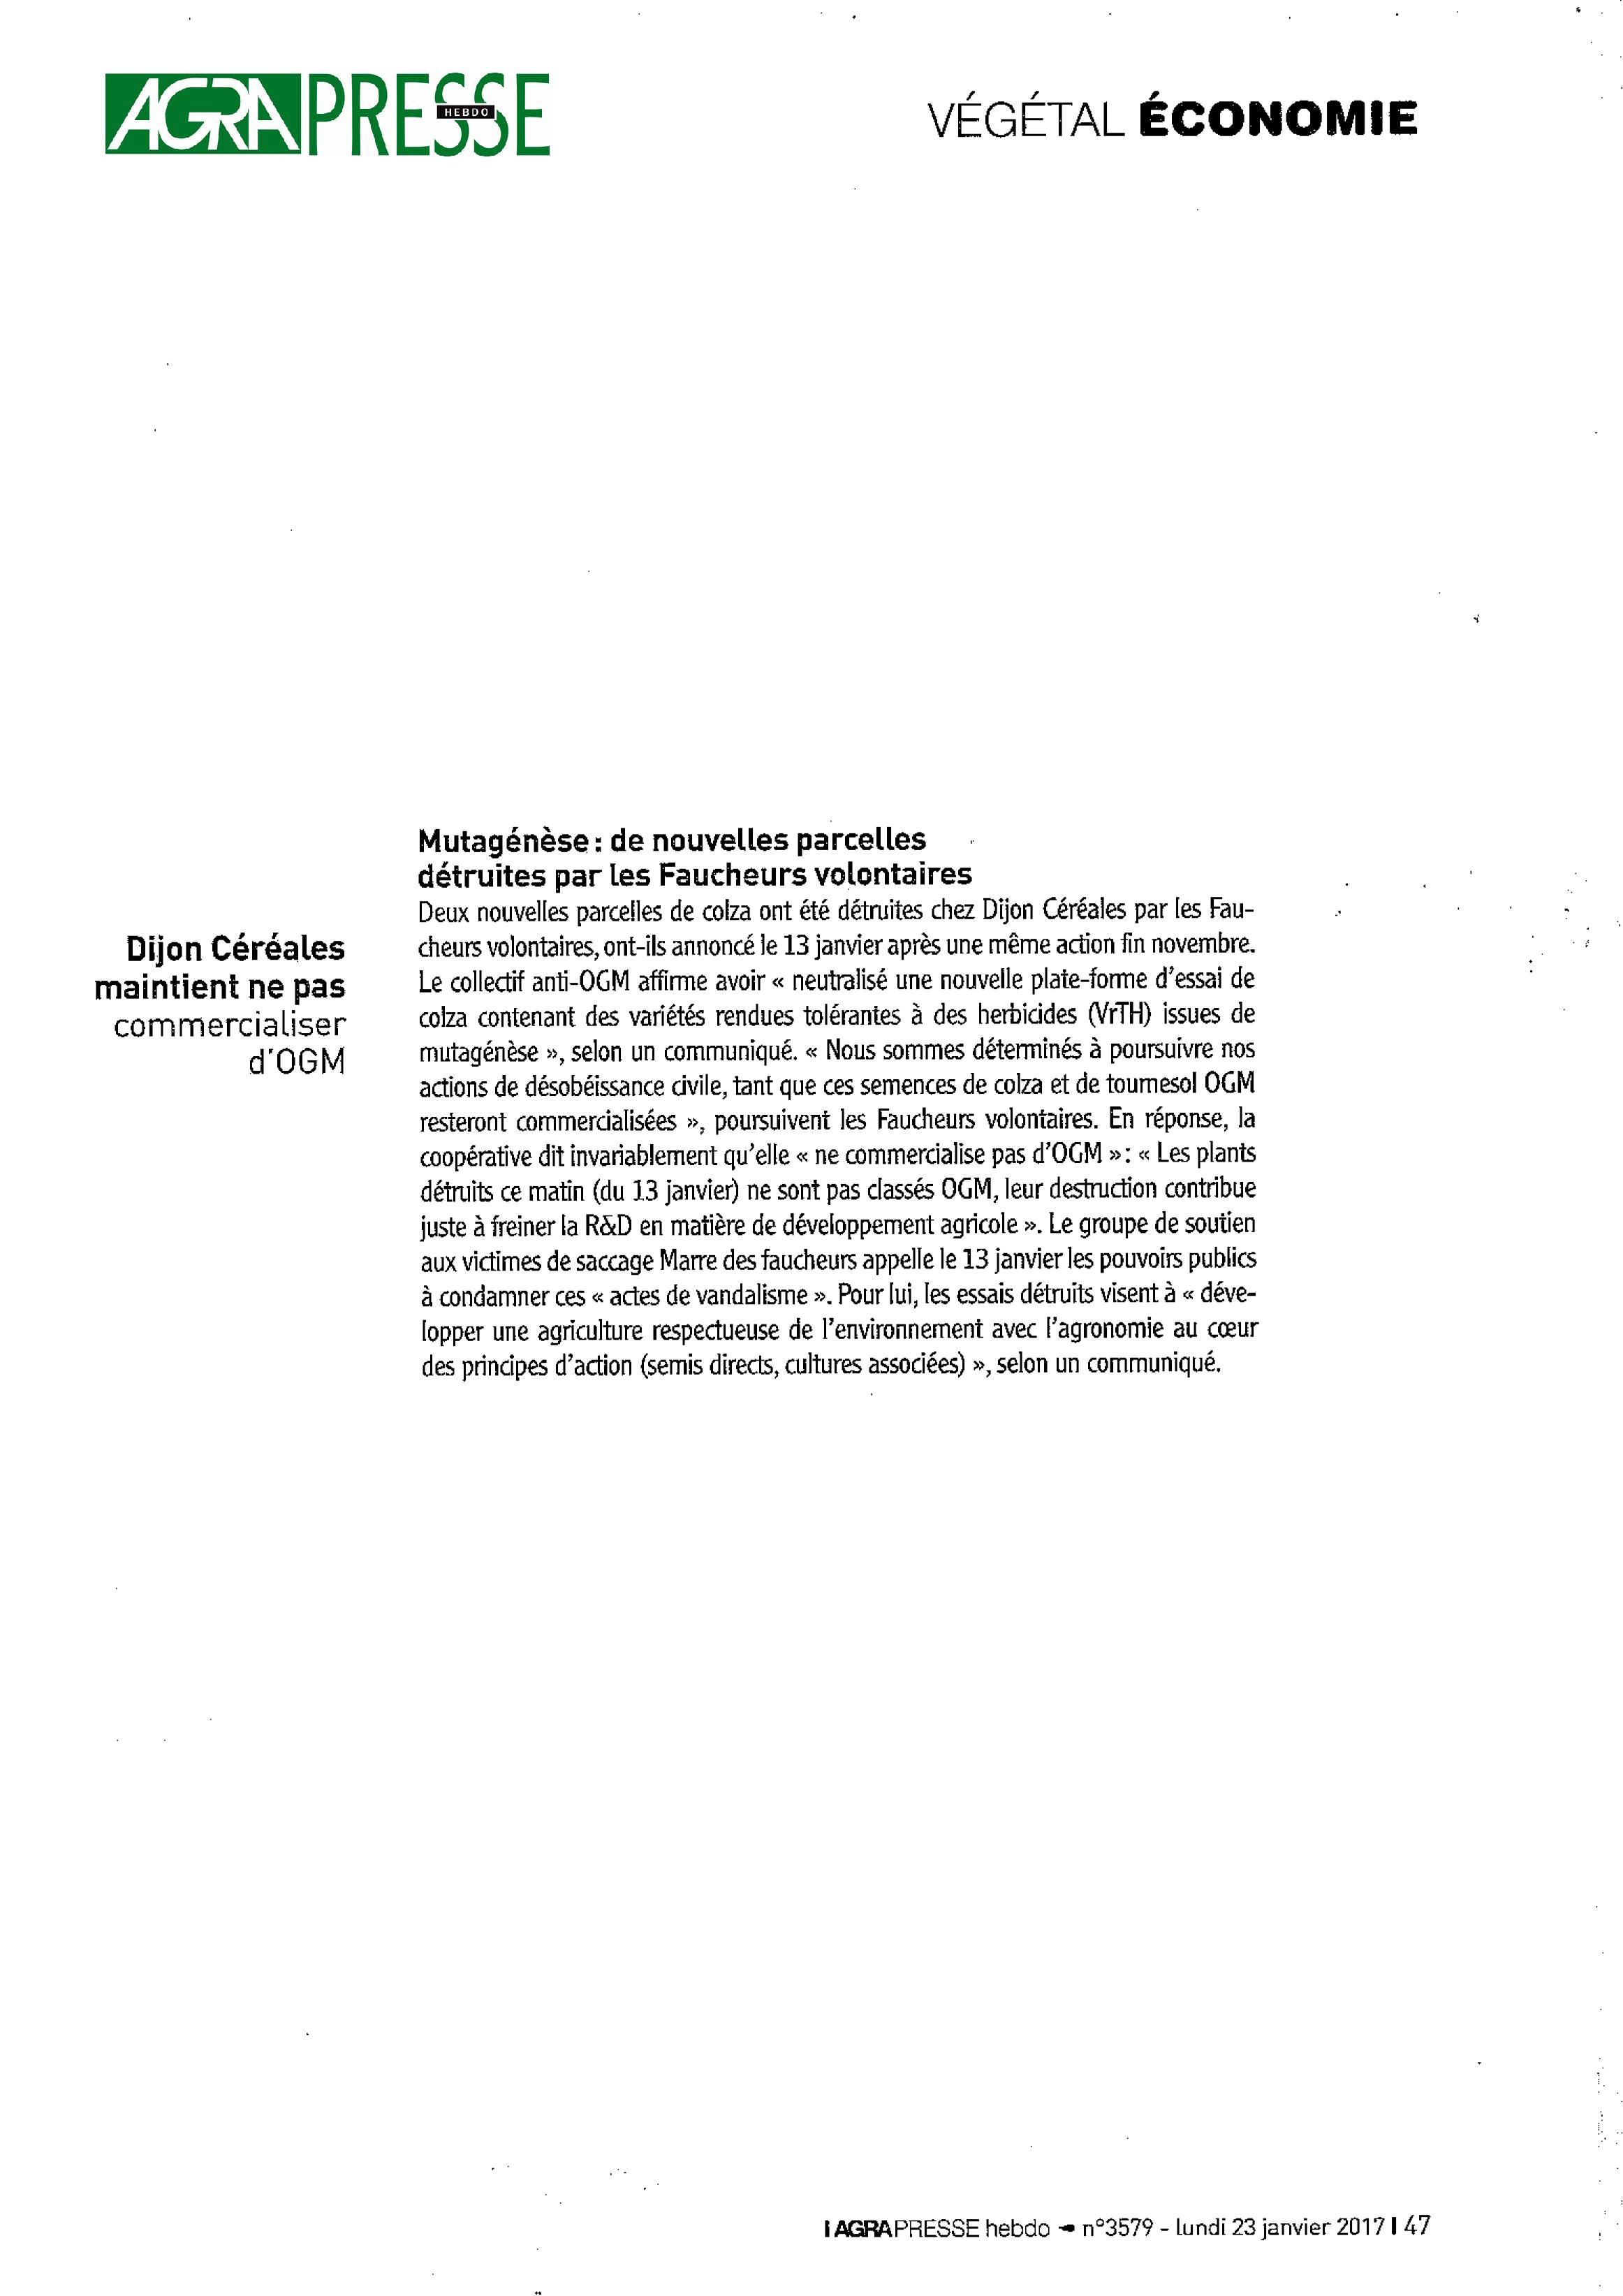 Mutagénèse - de nouvelles parcelles détruites par les FV